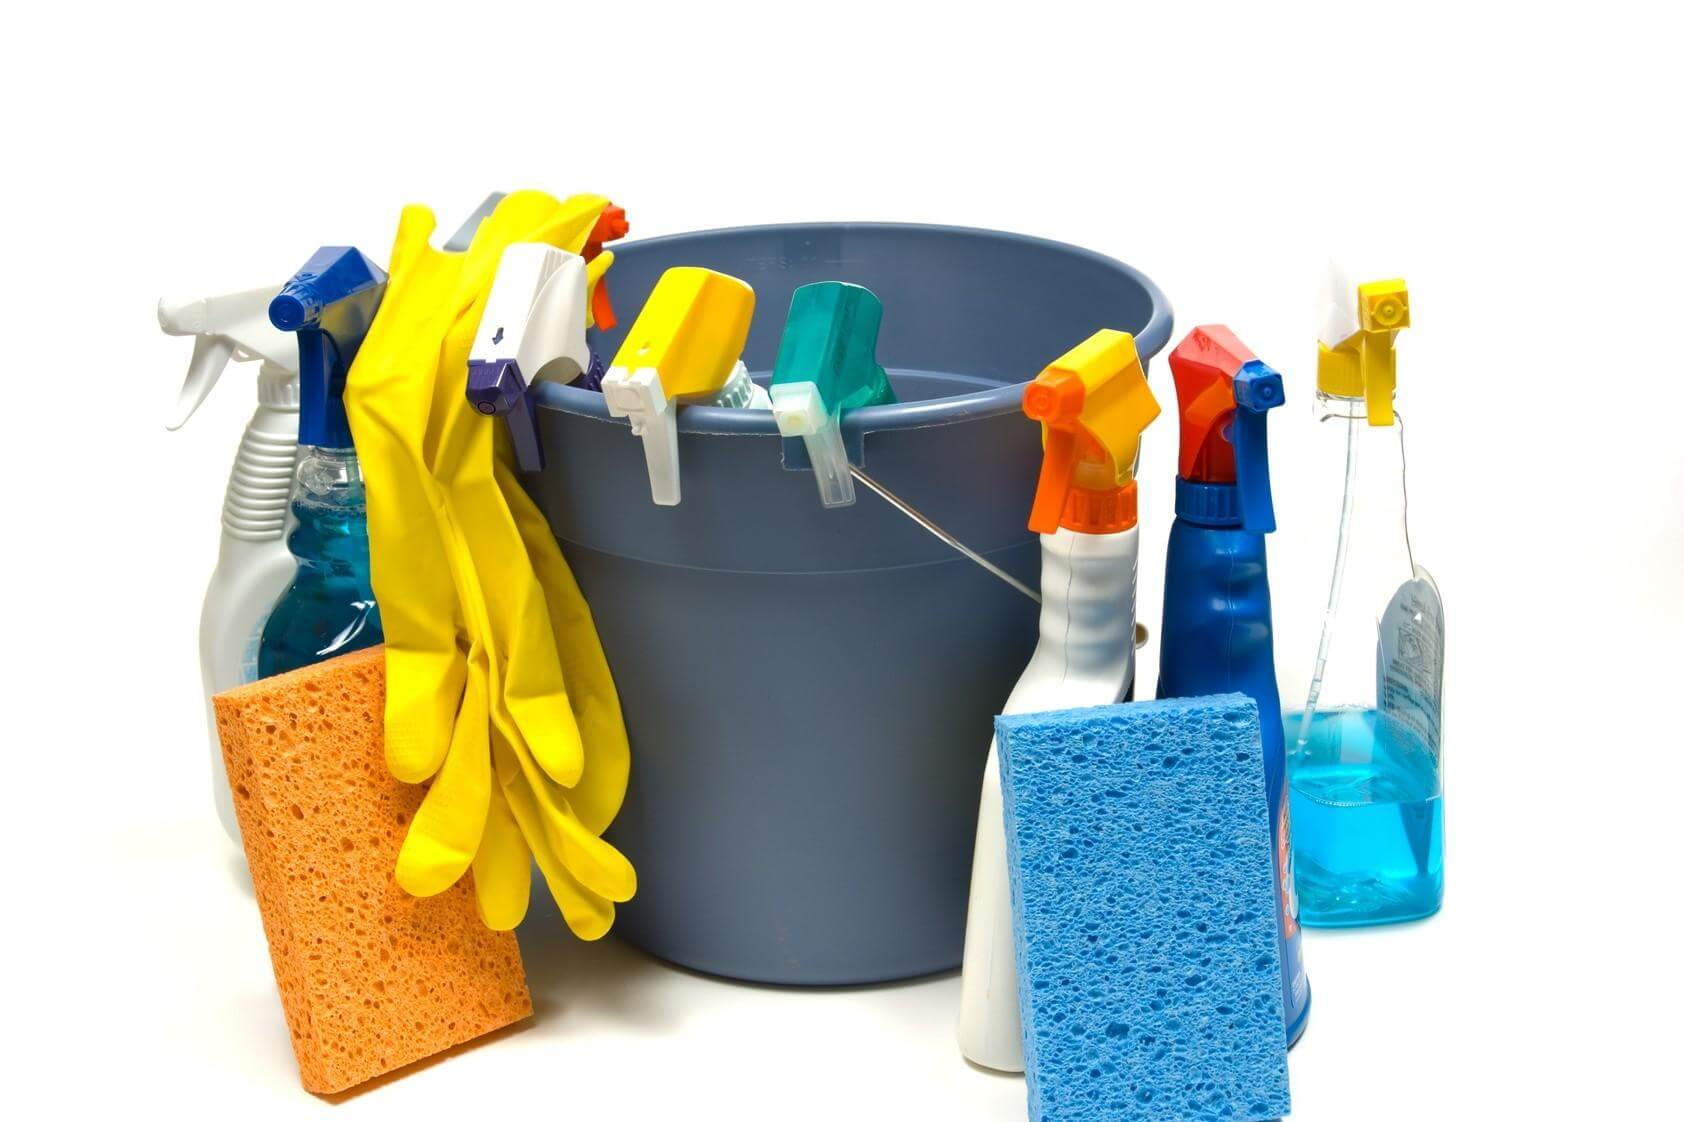 Pulizie di primavera 5 consigli green per pulire la casa - Pulizie di casa ...